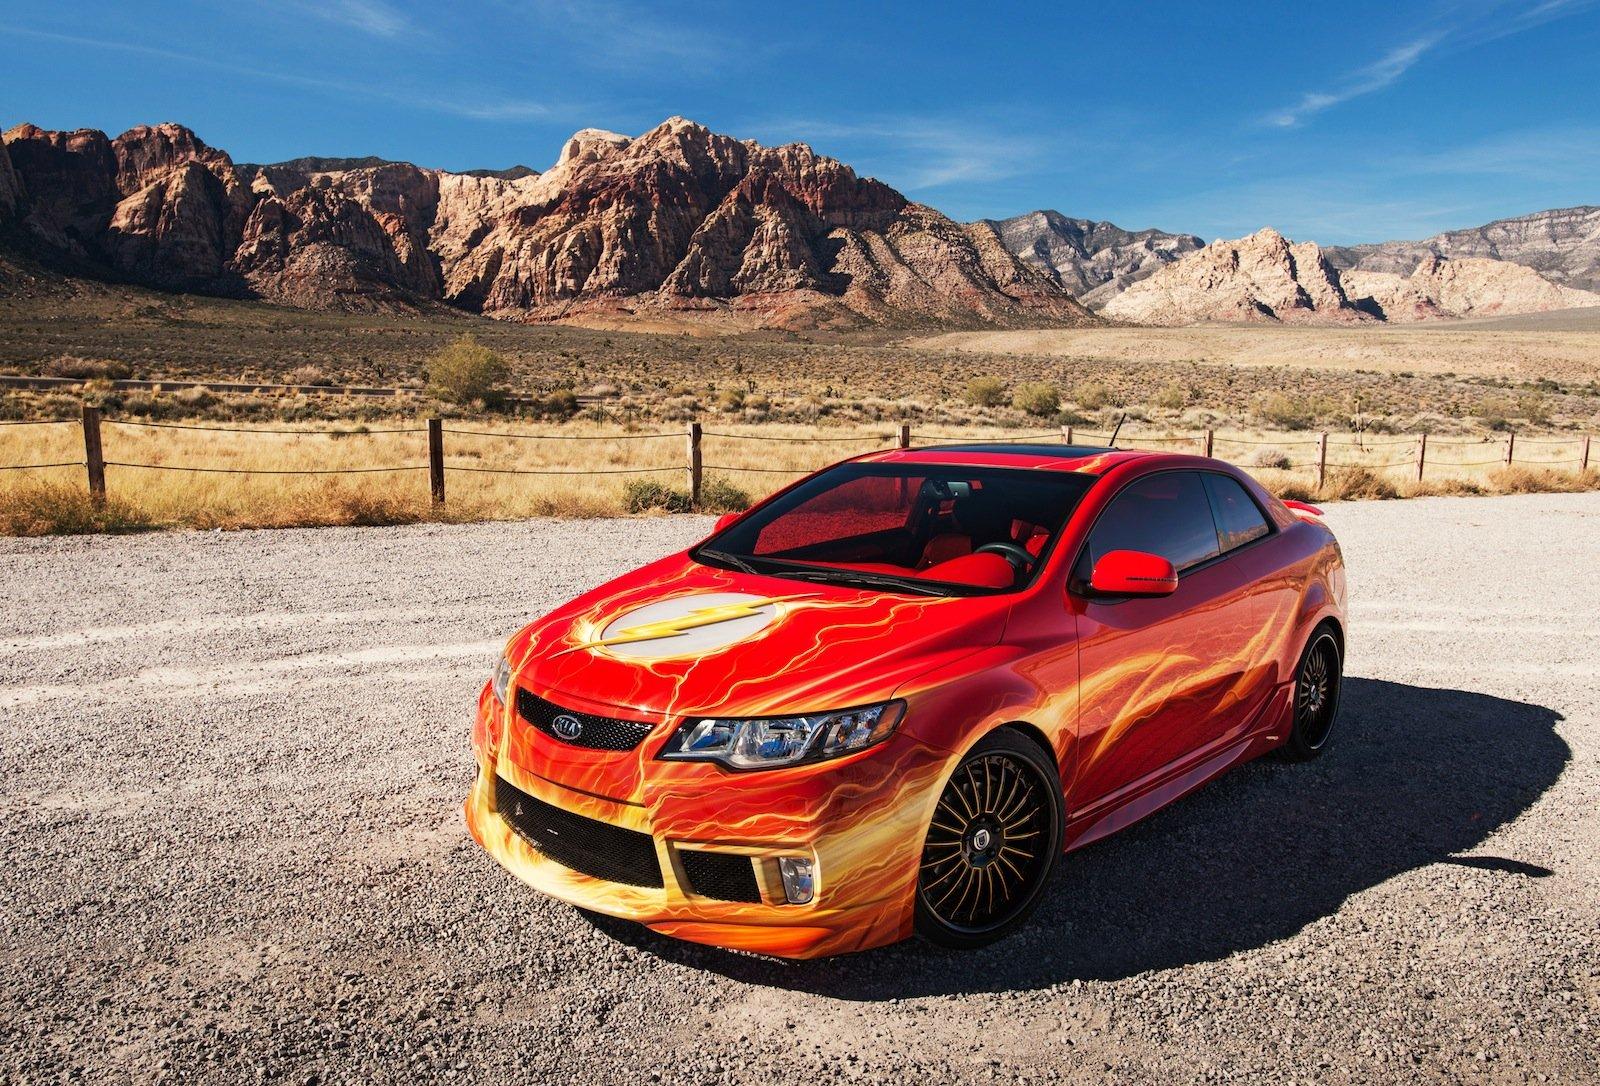 Kia Justice League Super Hero Cars Unveiled At 2012 SEMA